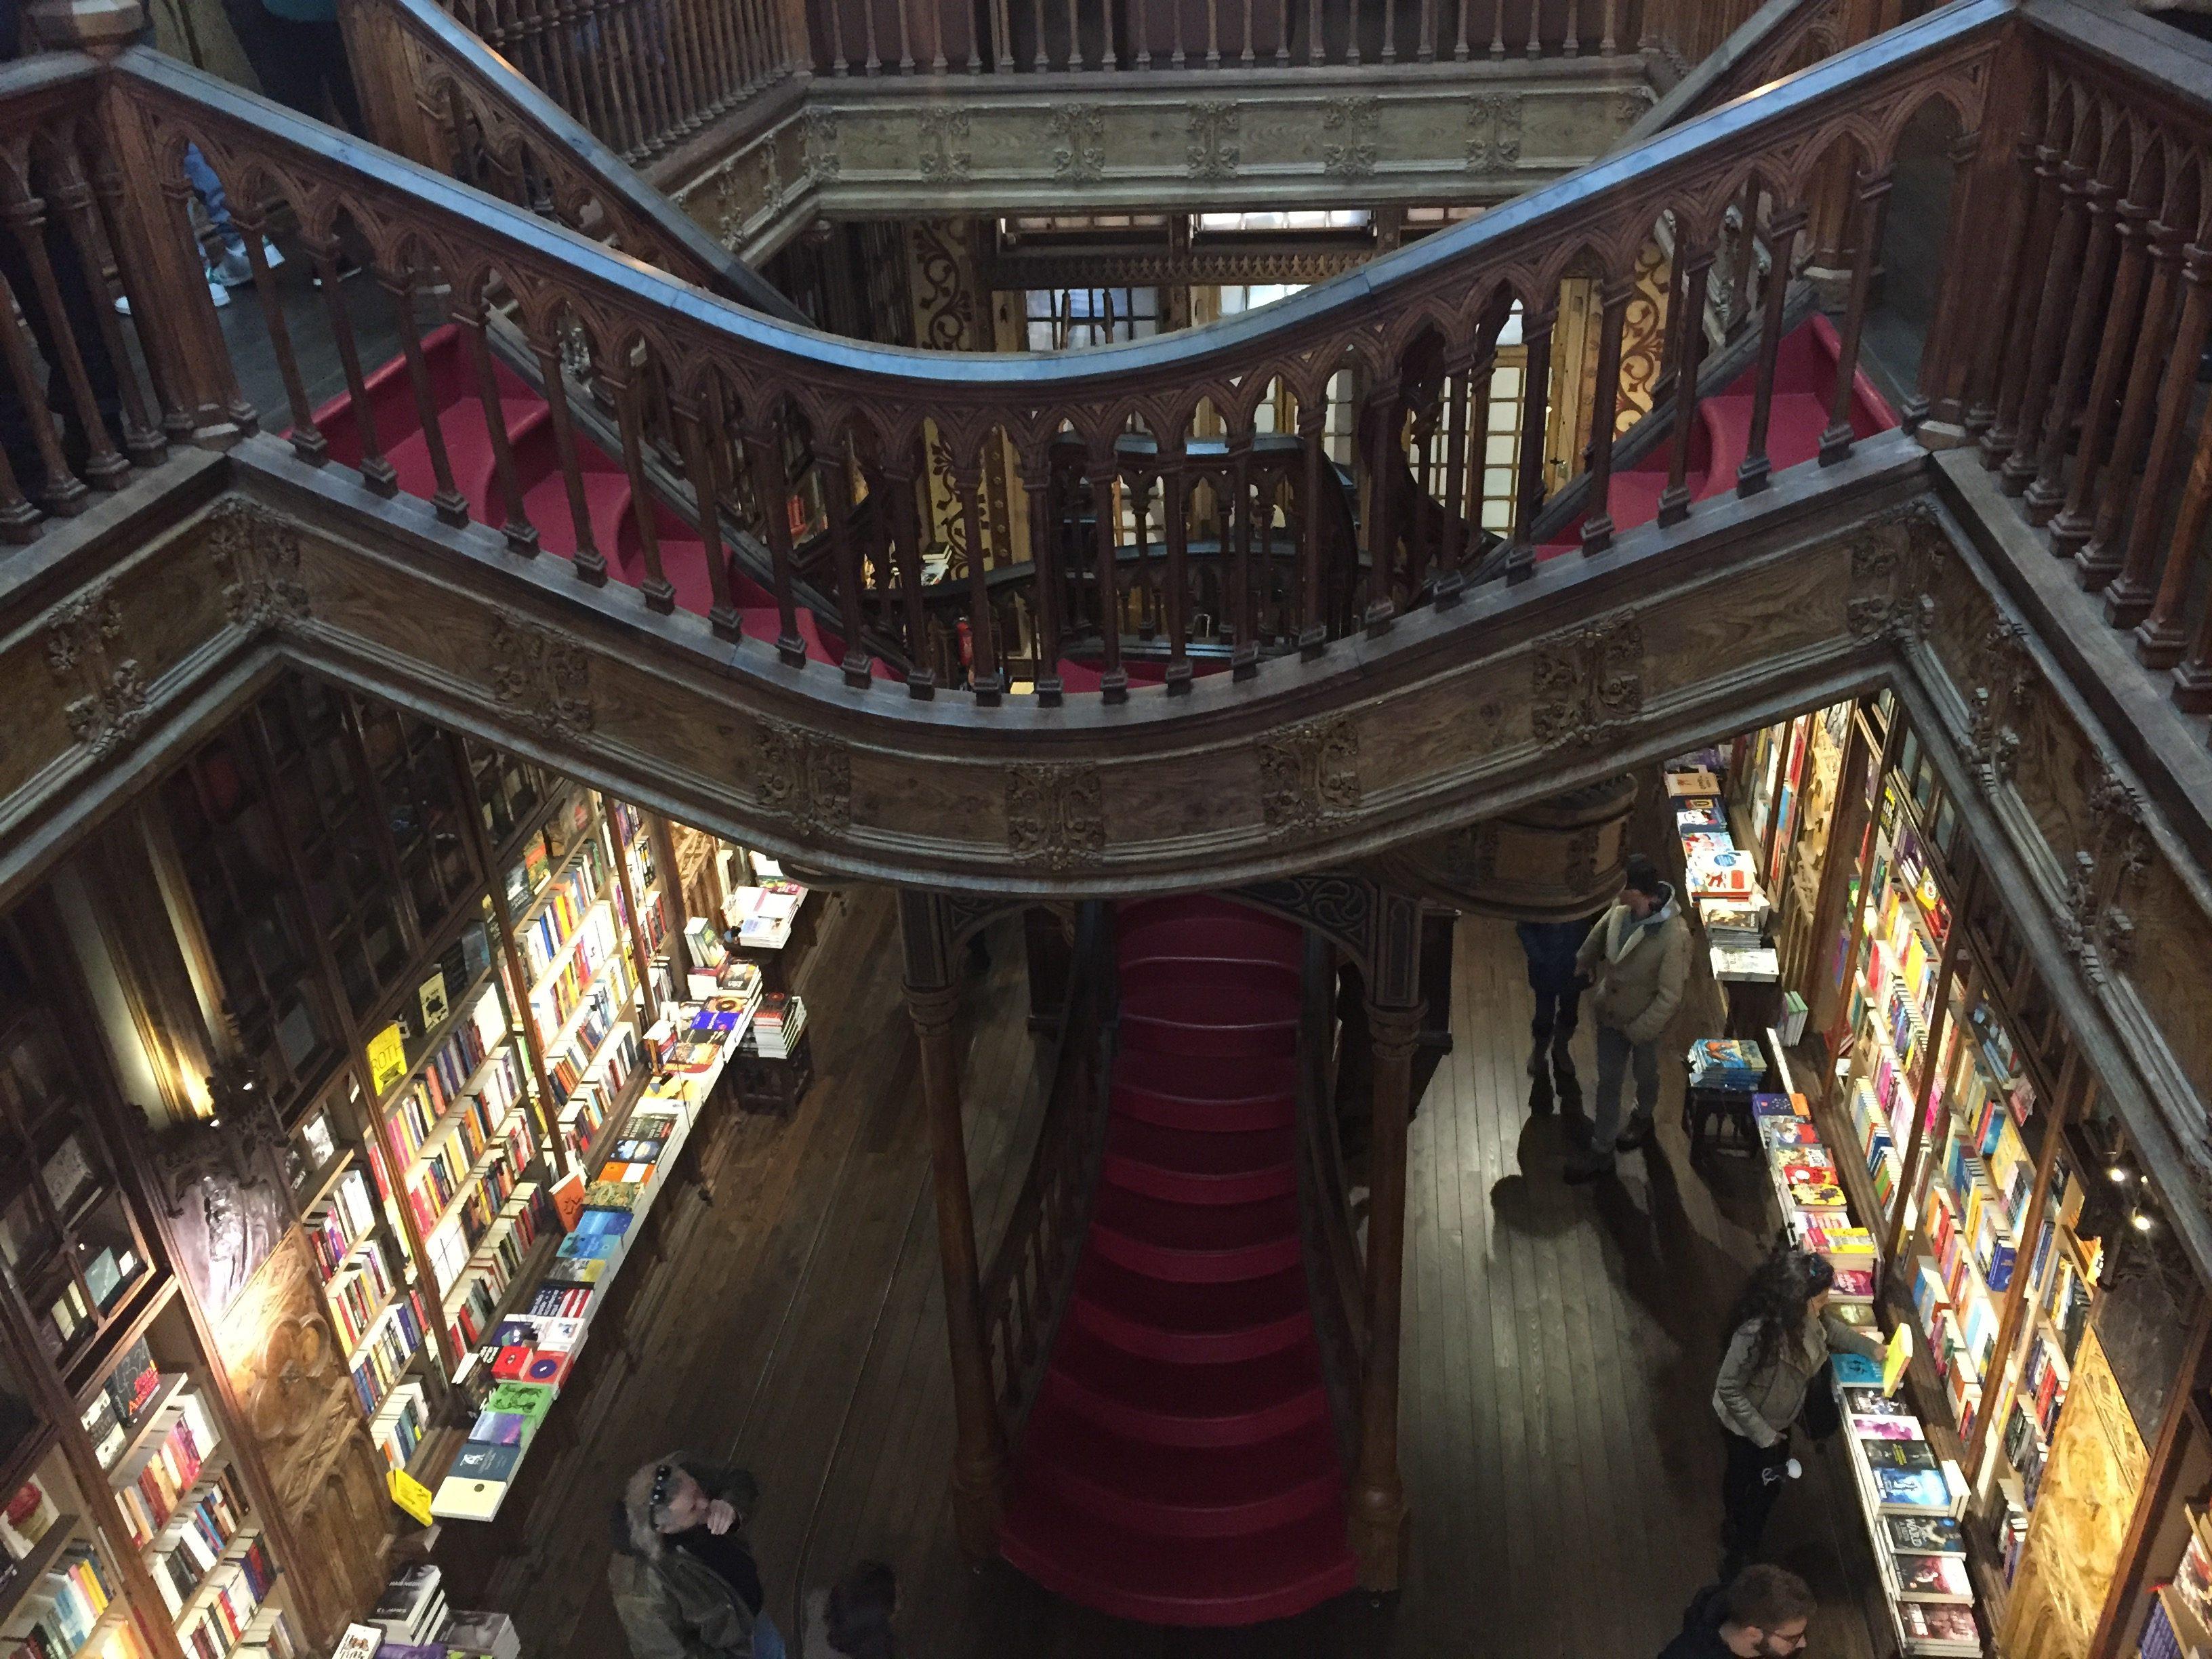 IMG 1640 e1518892959427 - Una visita a la Librería Lello en Porto (Portugal)